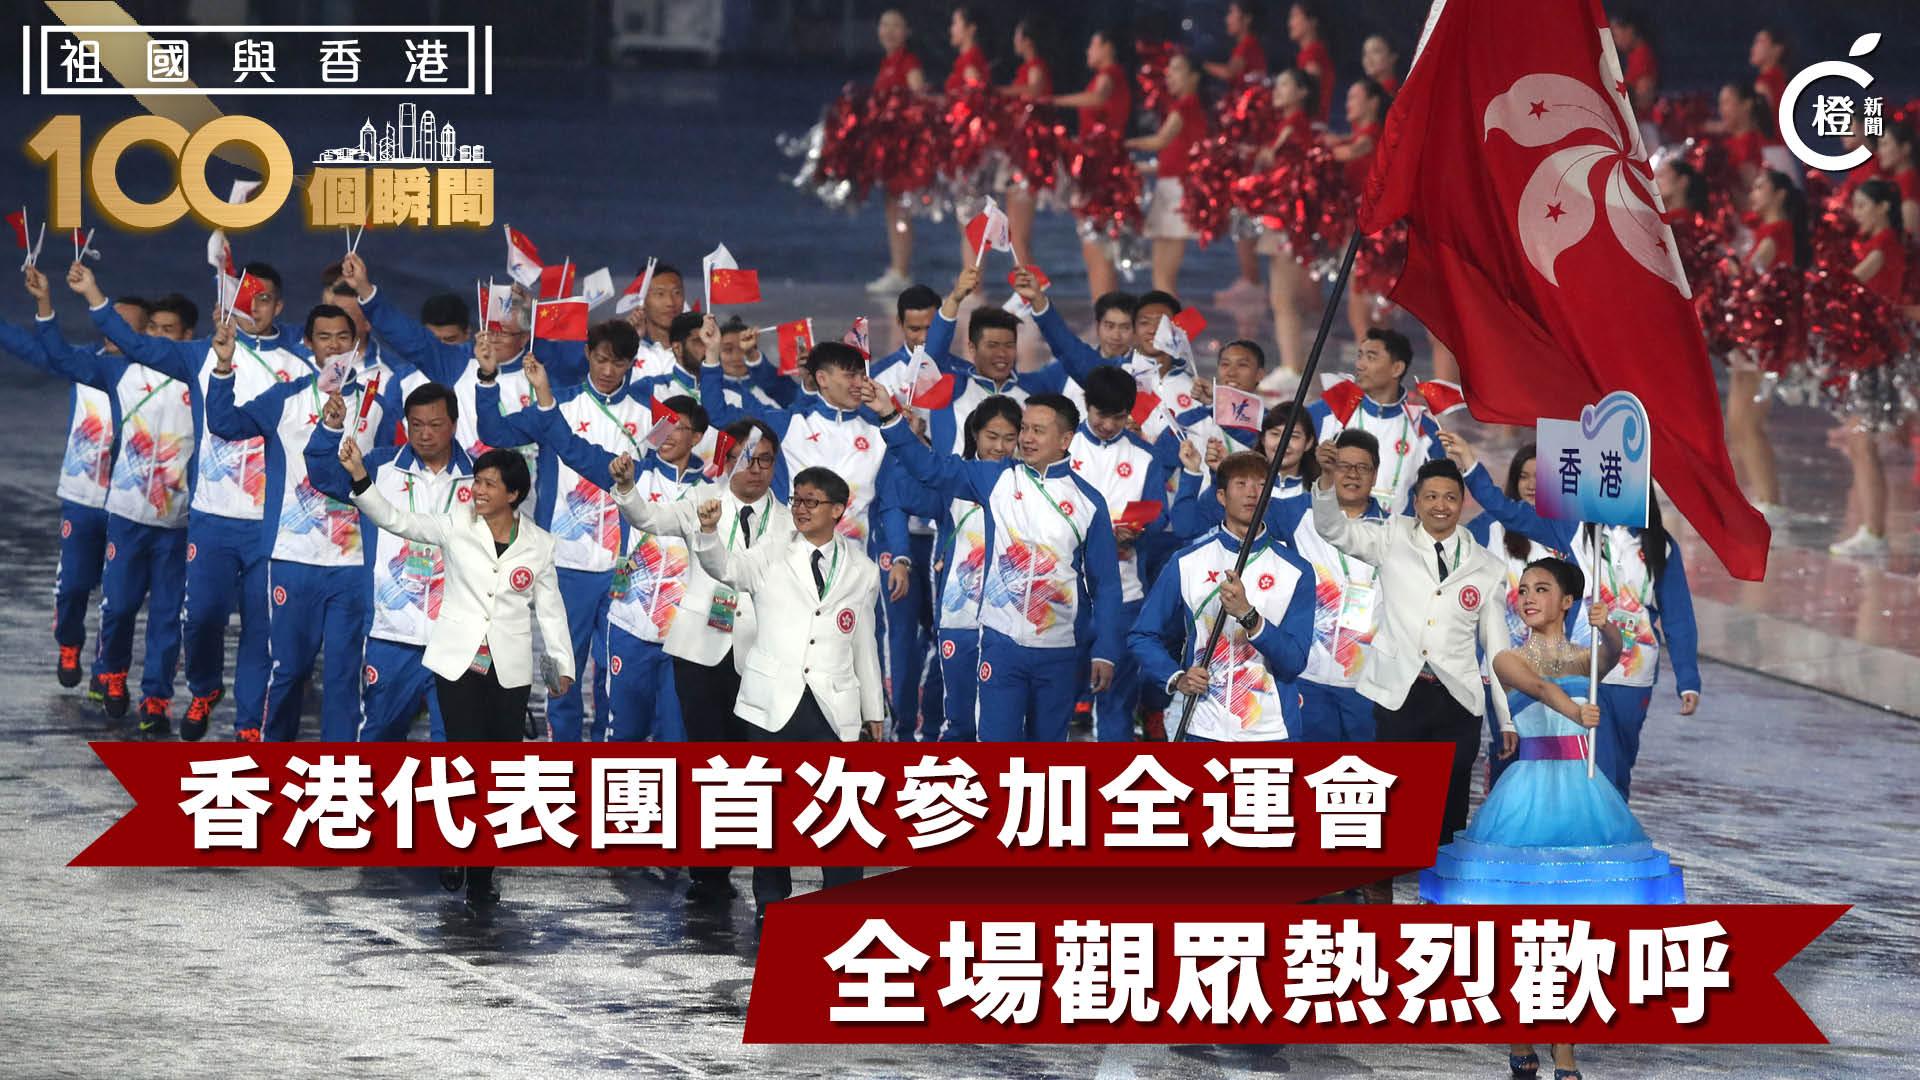 【祖國與香港100個瞬間】香港代表團首次參加全運會 入場獲全場觀眾熱烈歡呼